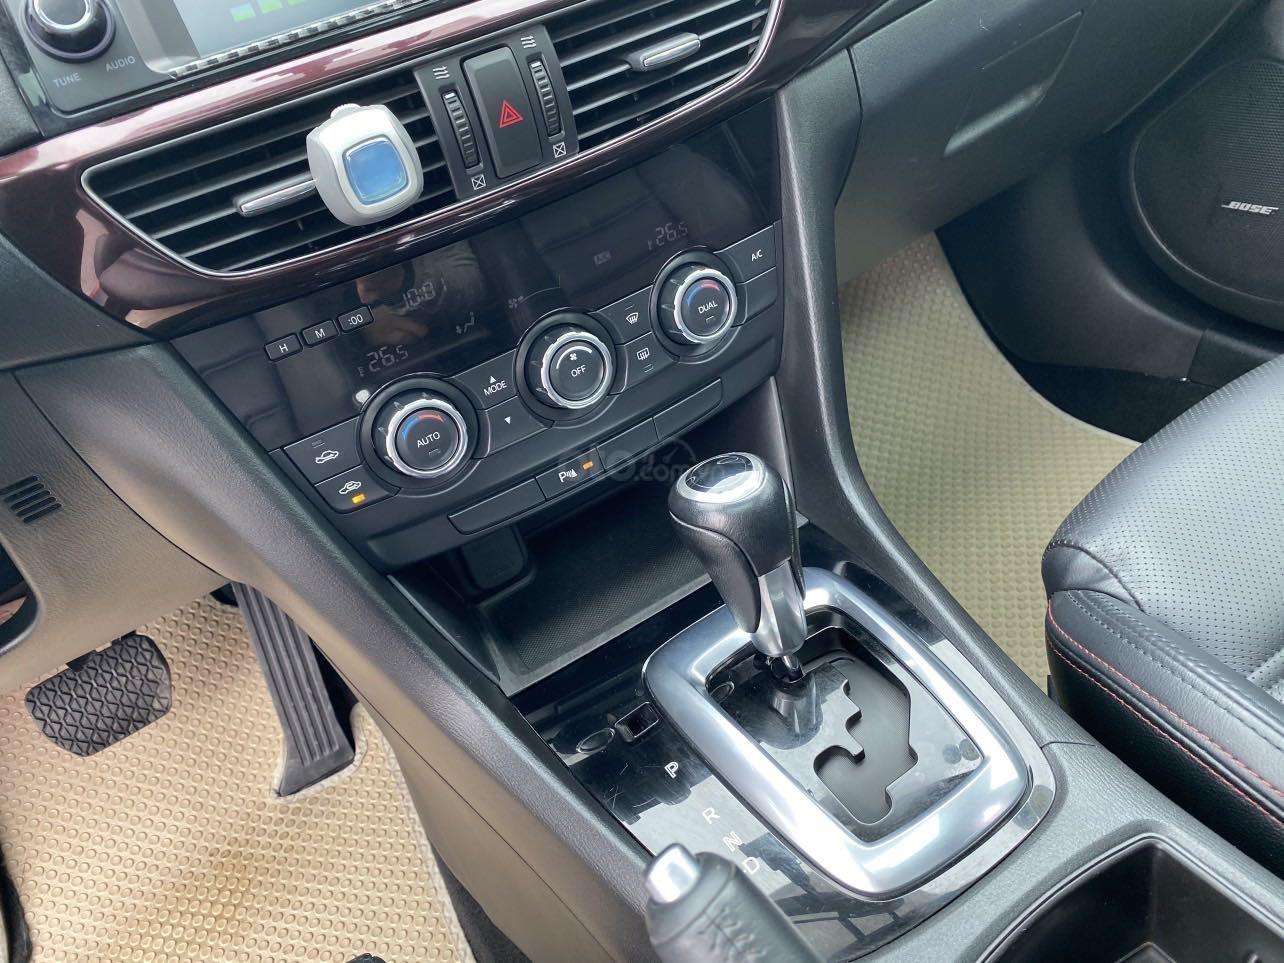 Bán nhanh chiếc Mazda 6 2.5AT 2015 chủ đi cực giữ gìn (11)